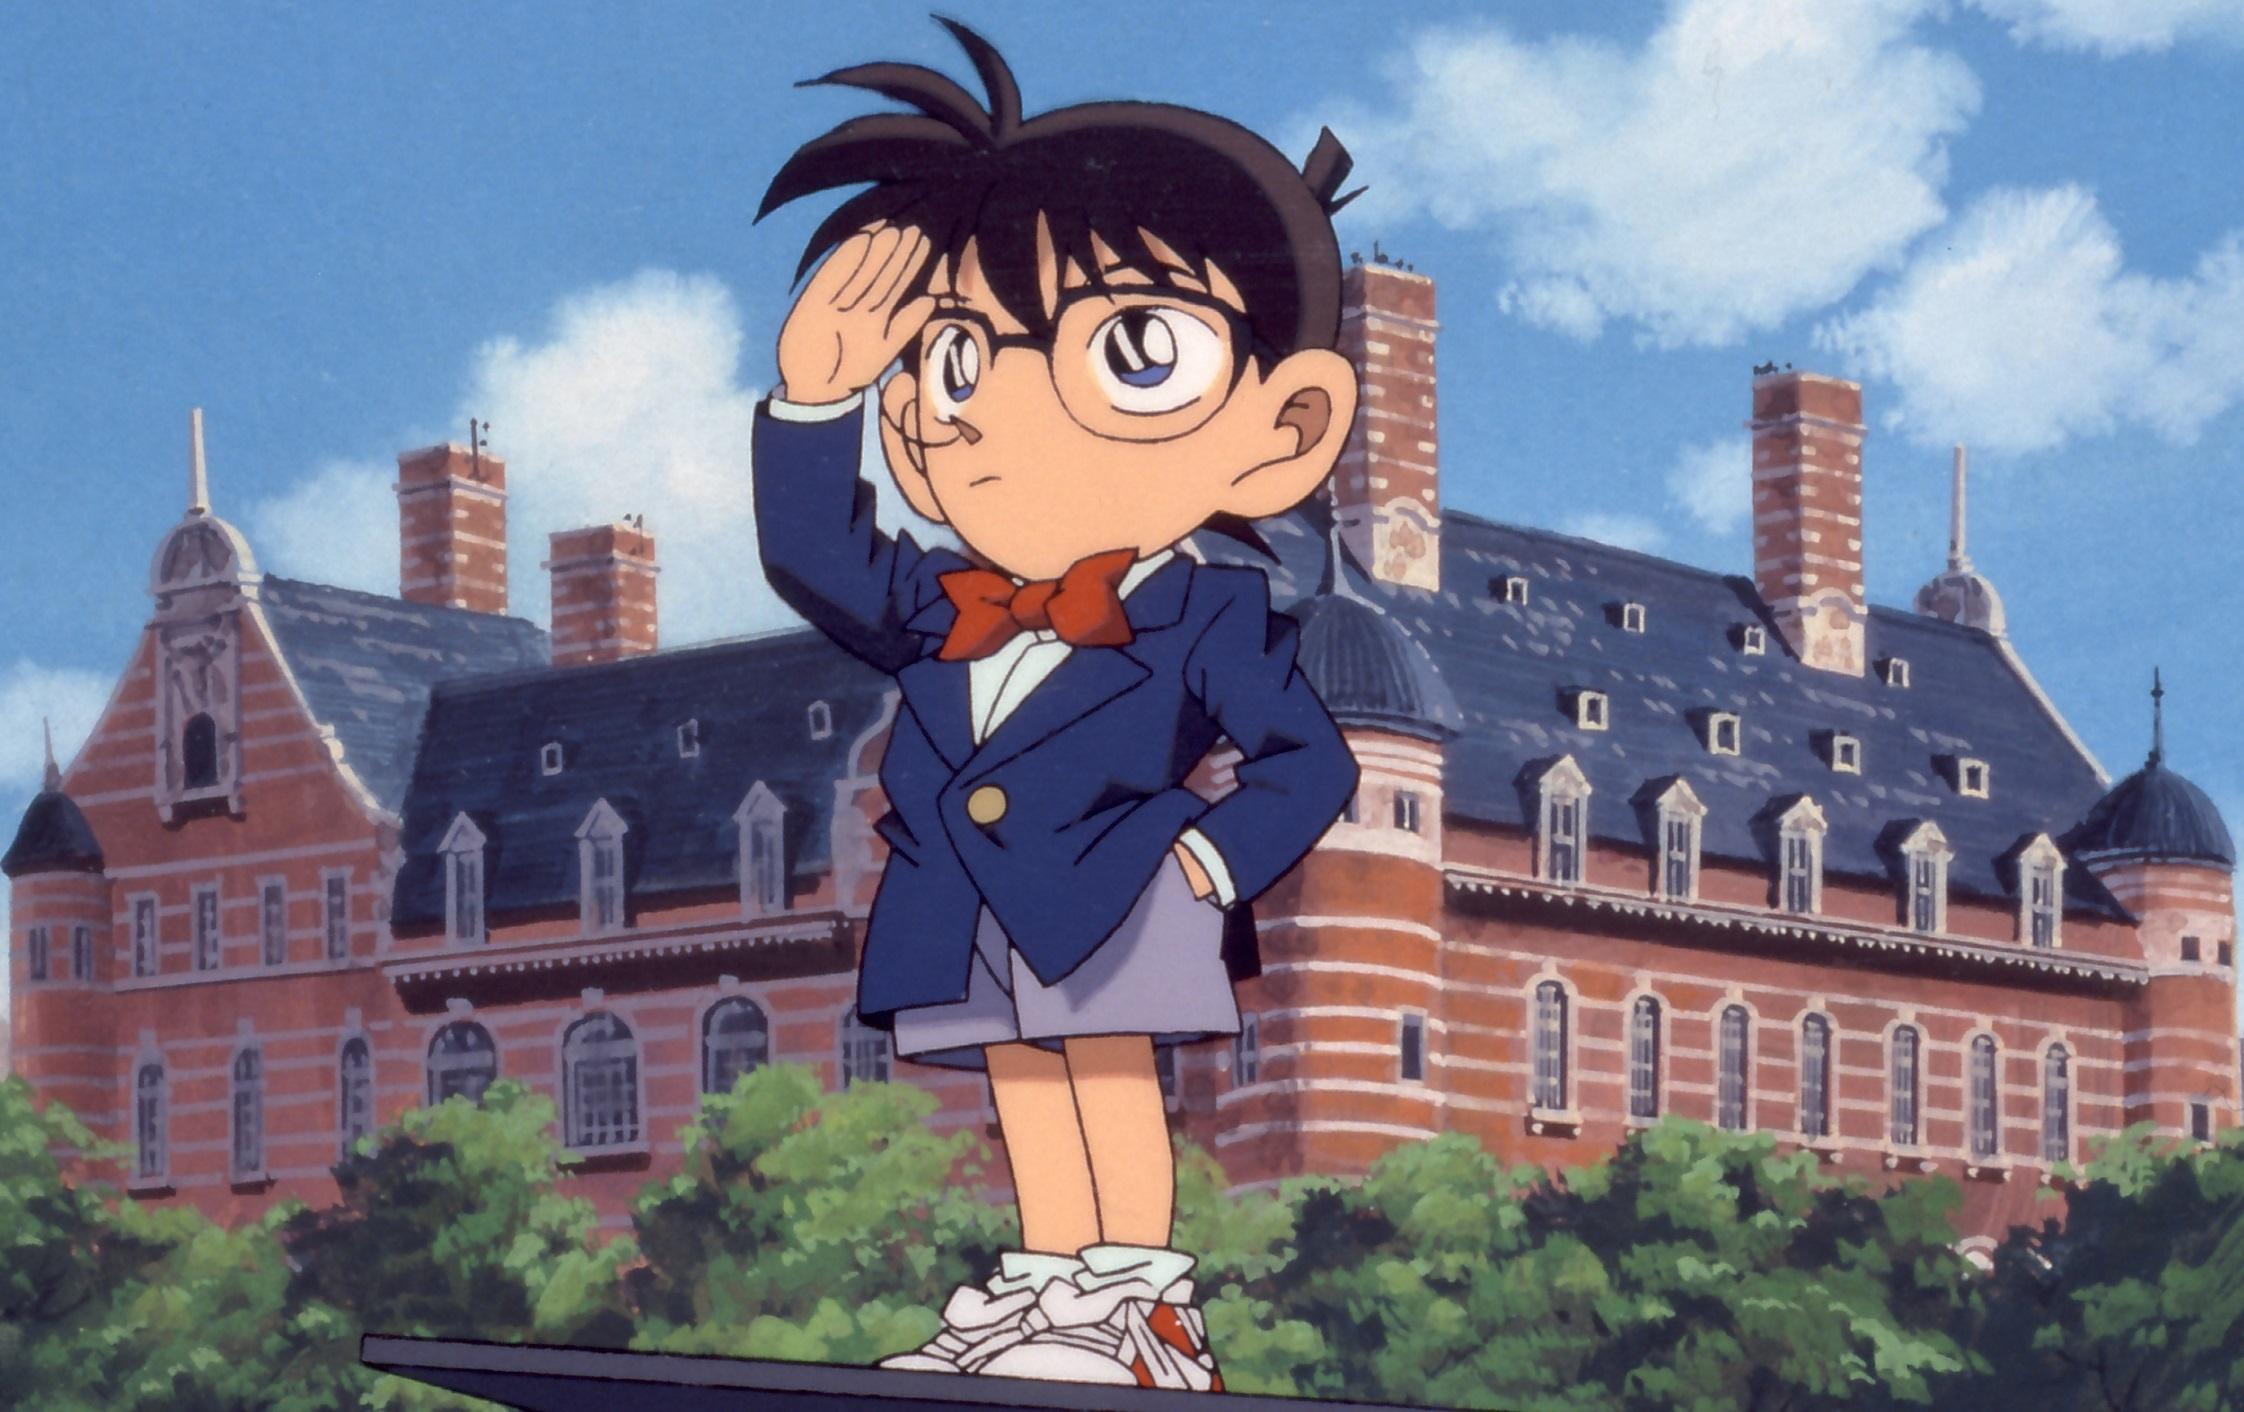 Pro Sieben Maxx Detektiv Conan